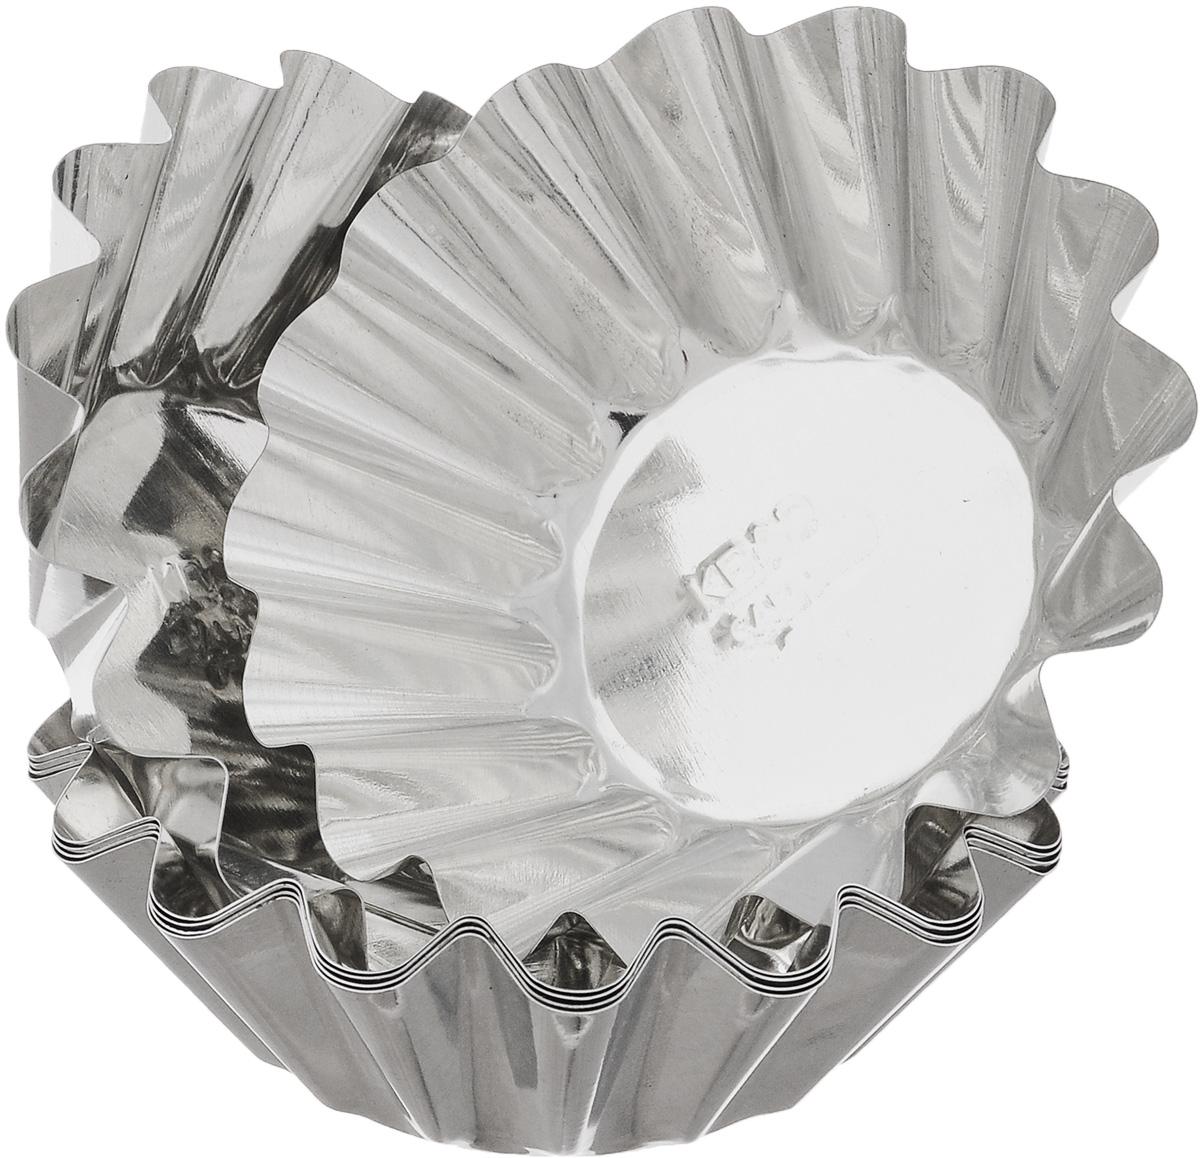 Набор форм для выпечки Кварц, диаметр 9,5 см, 6 шт391602Набор Кварц состоит из шести форм, выполненных из белой жести. Формы предназначены для выпечки и приготовления желе. Стенки изделий рельефные.С набором форм Кварц вы всегда сможете порадовать своих близких оригинальной выпечкой.Диаметр форм (по верхнему краю): 9,5 см.Высота форм: 3 см.